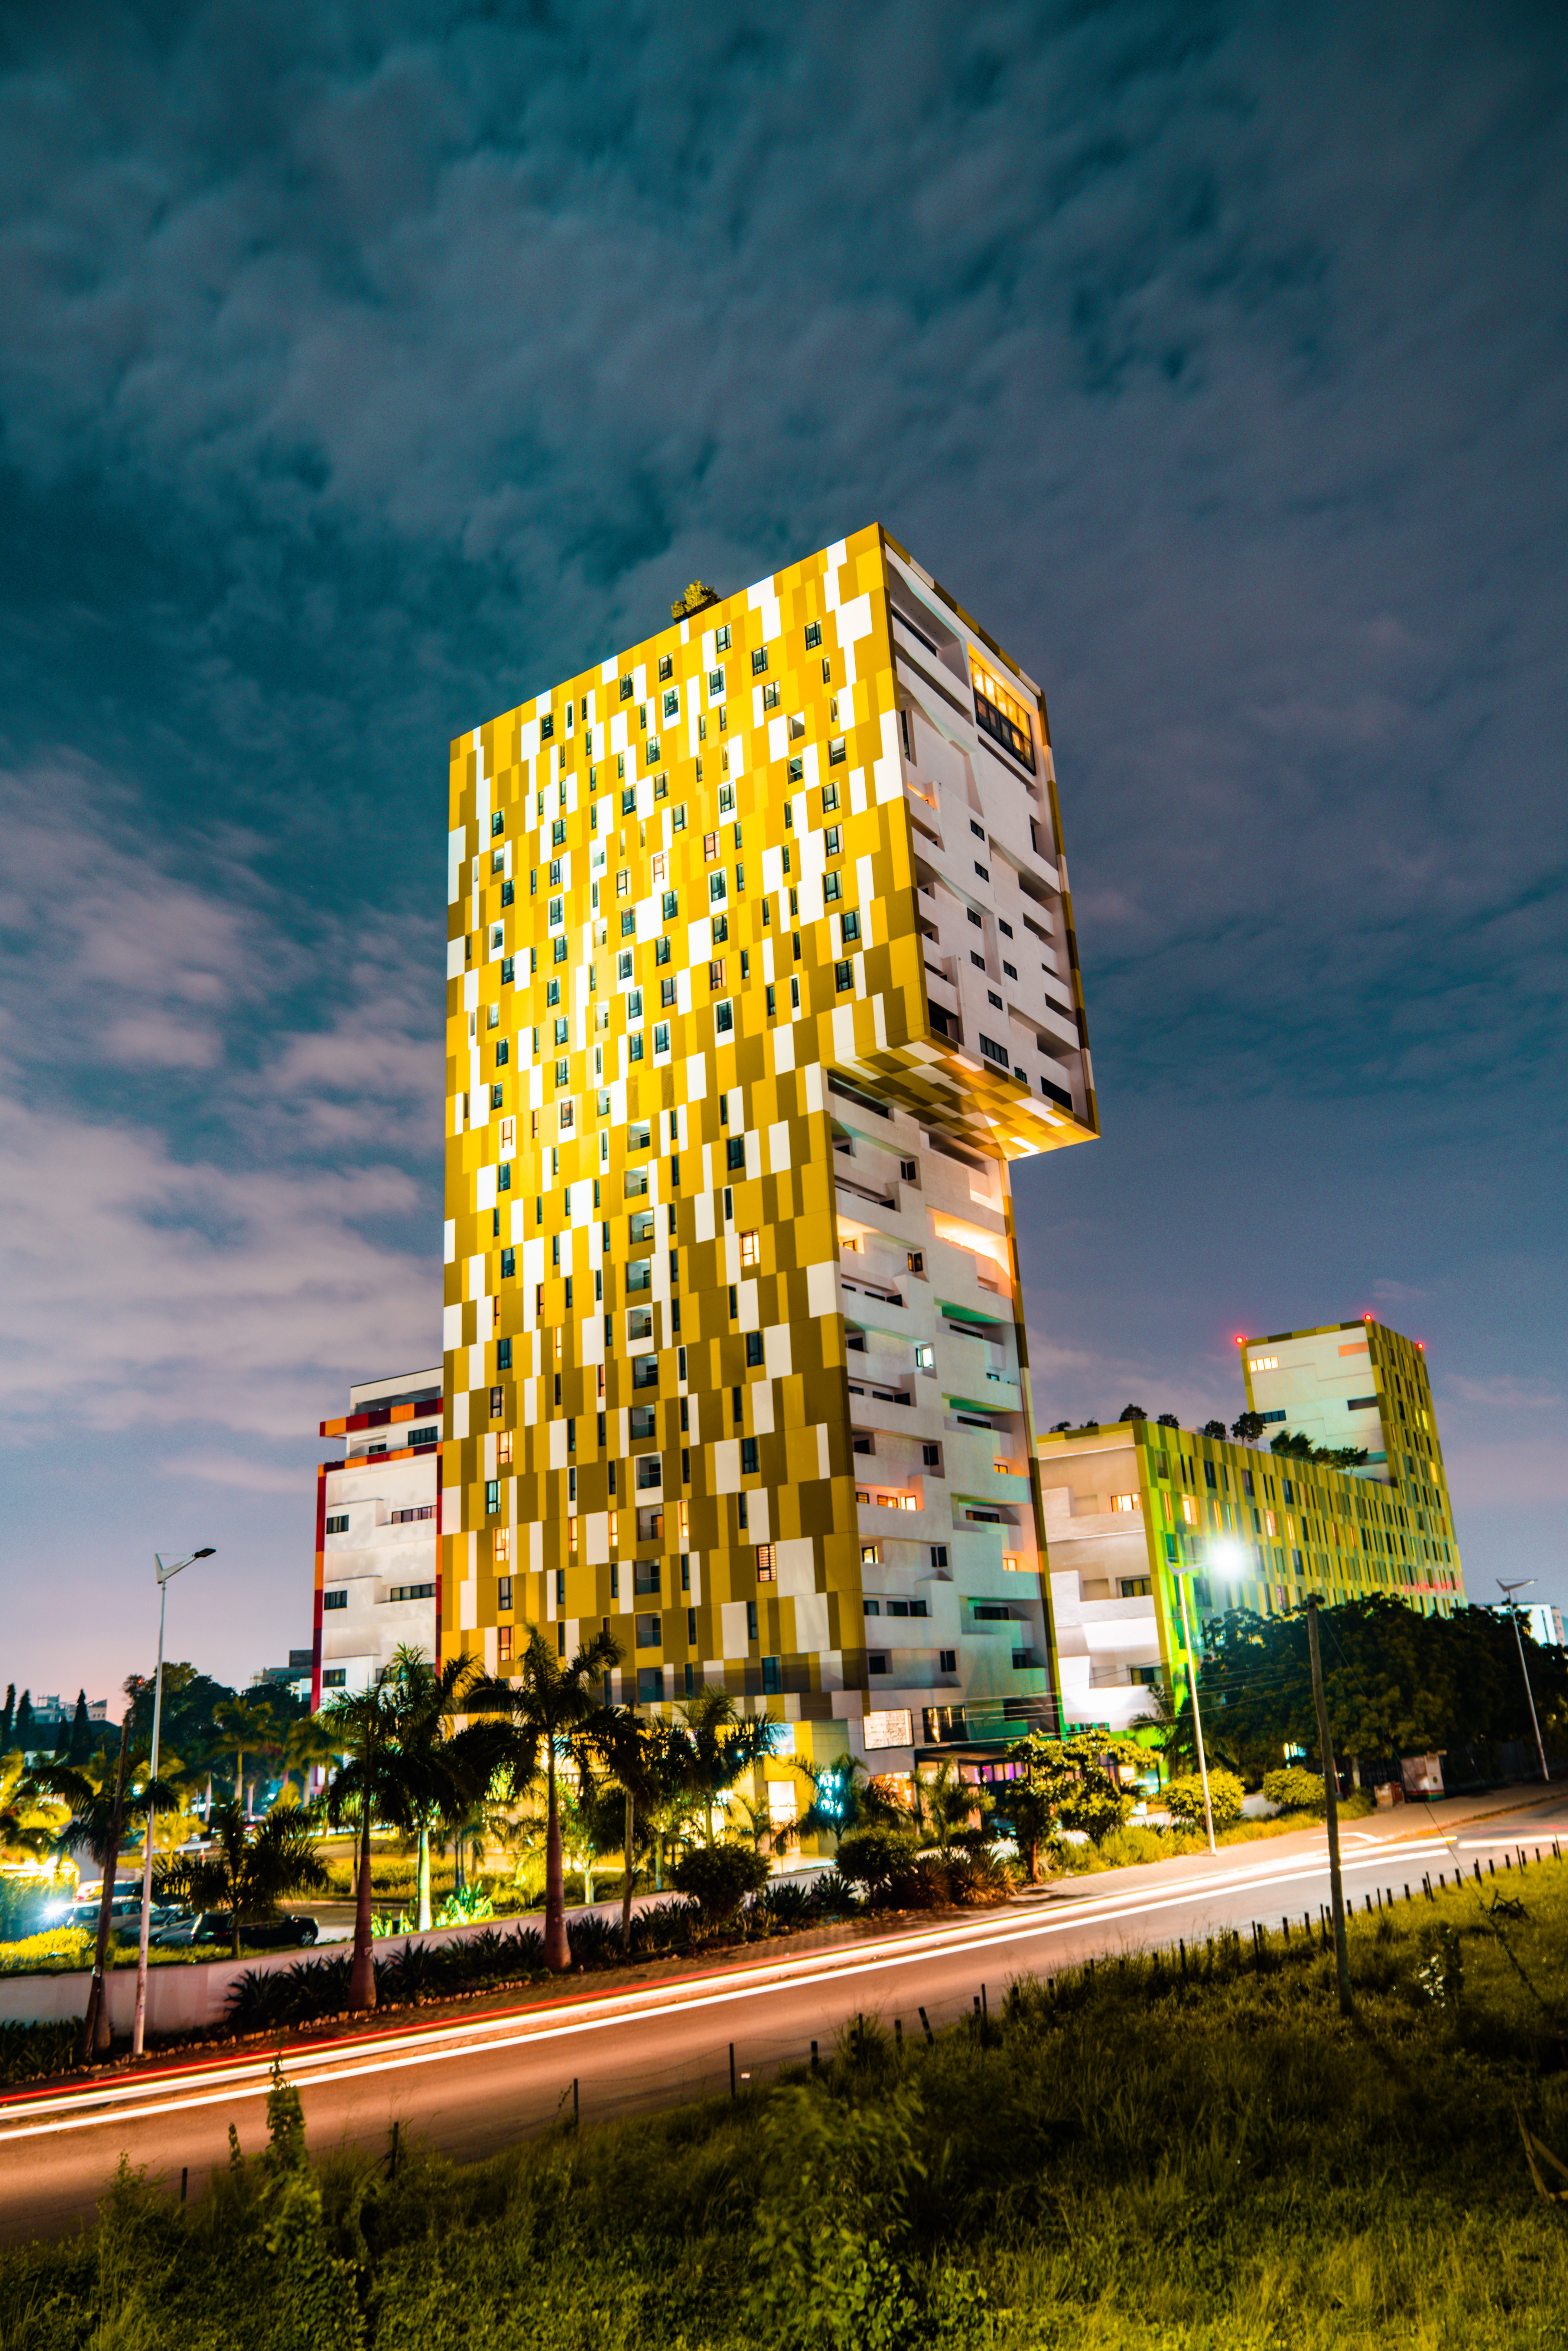 82323壁紙のダウンロード建物, モダン, 最新です, 市, 都市, 通り, アーキテクチャ-スクリーンセーバーと写真を無料で